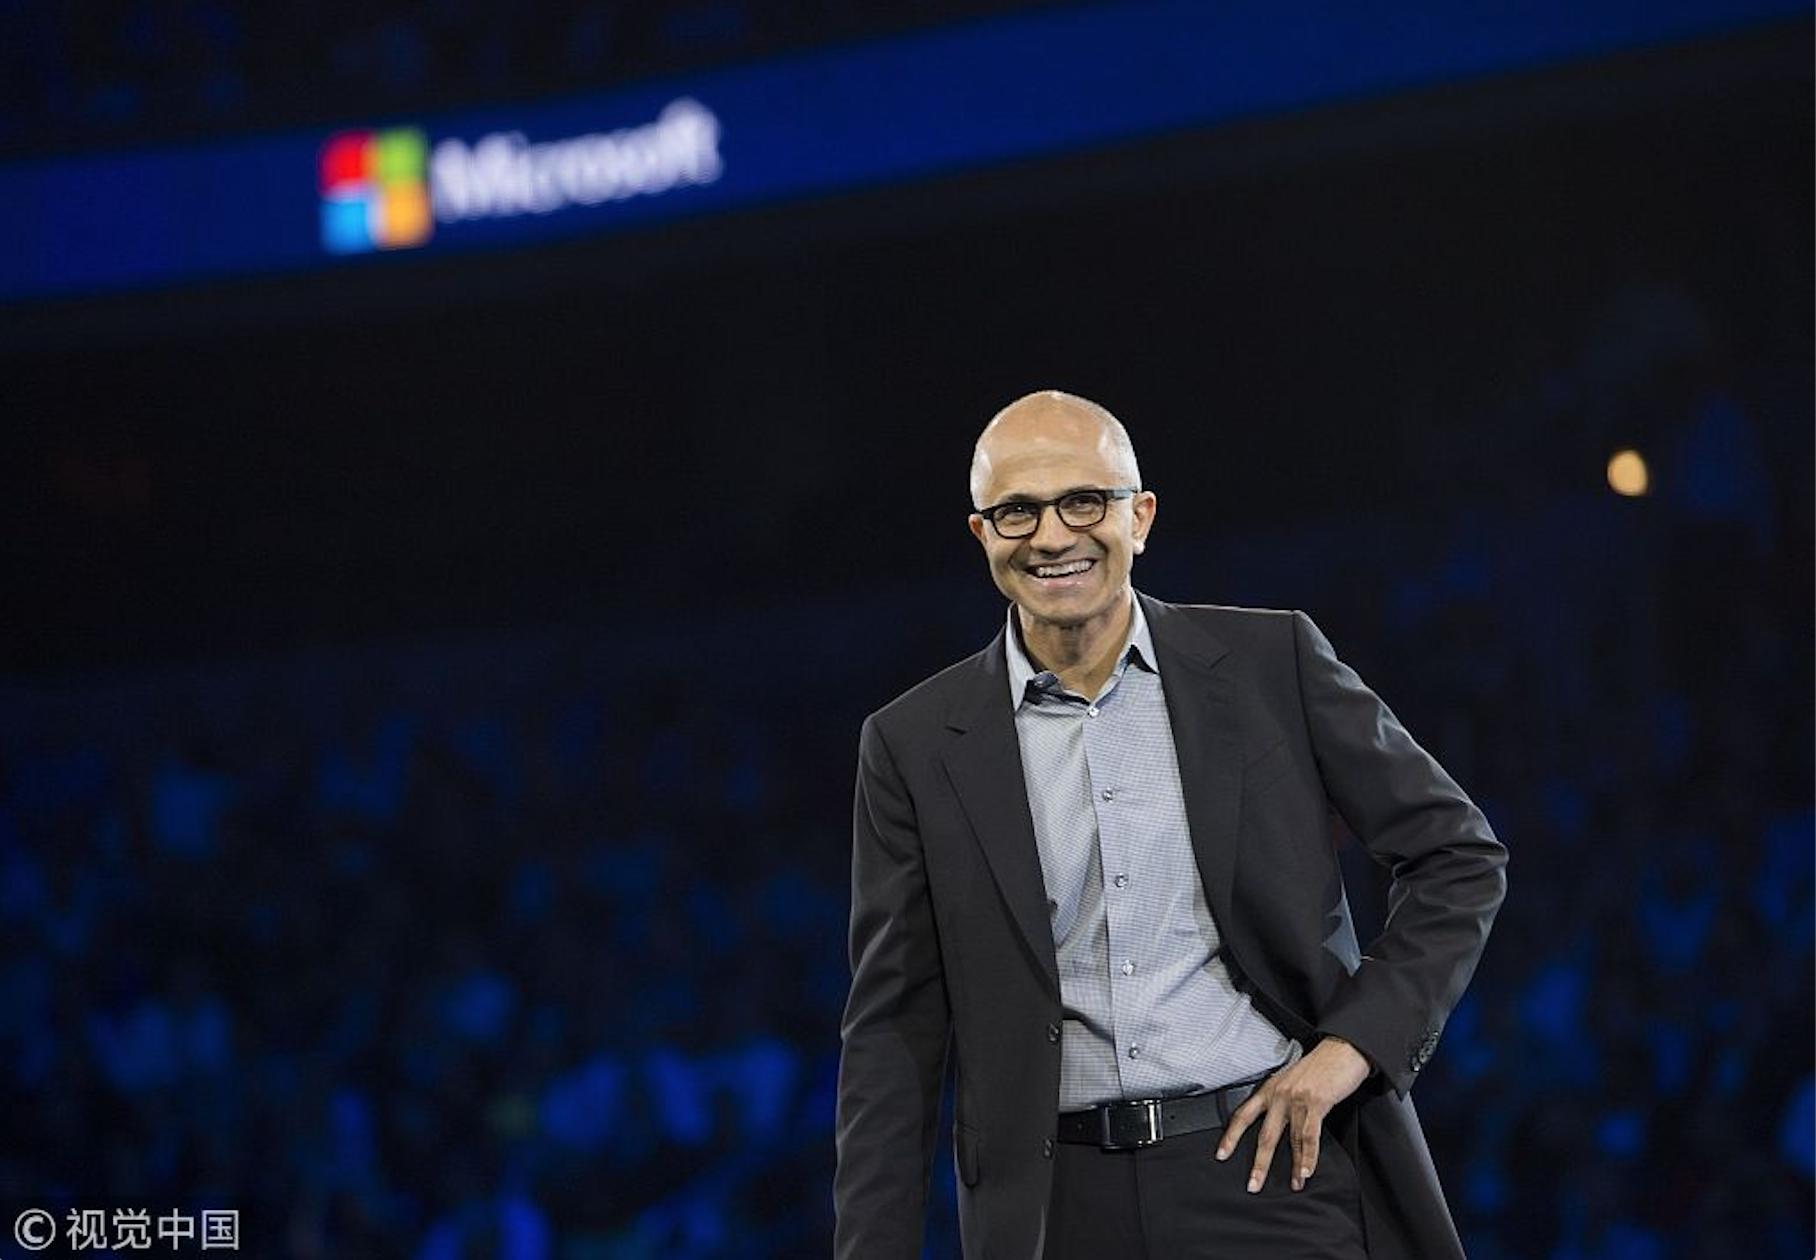 微軟時隔20年重回全球市值第一 !能保持嗎?